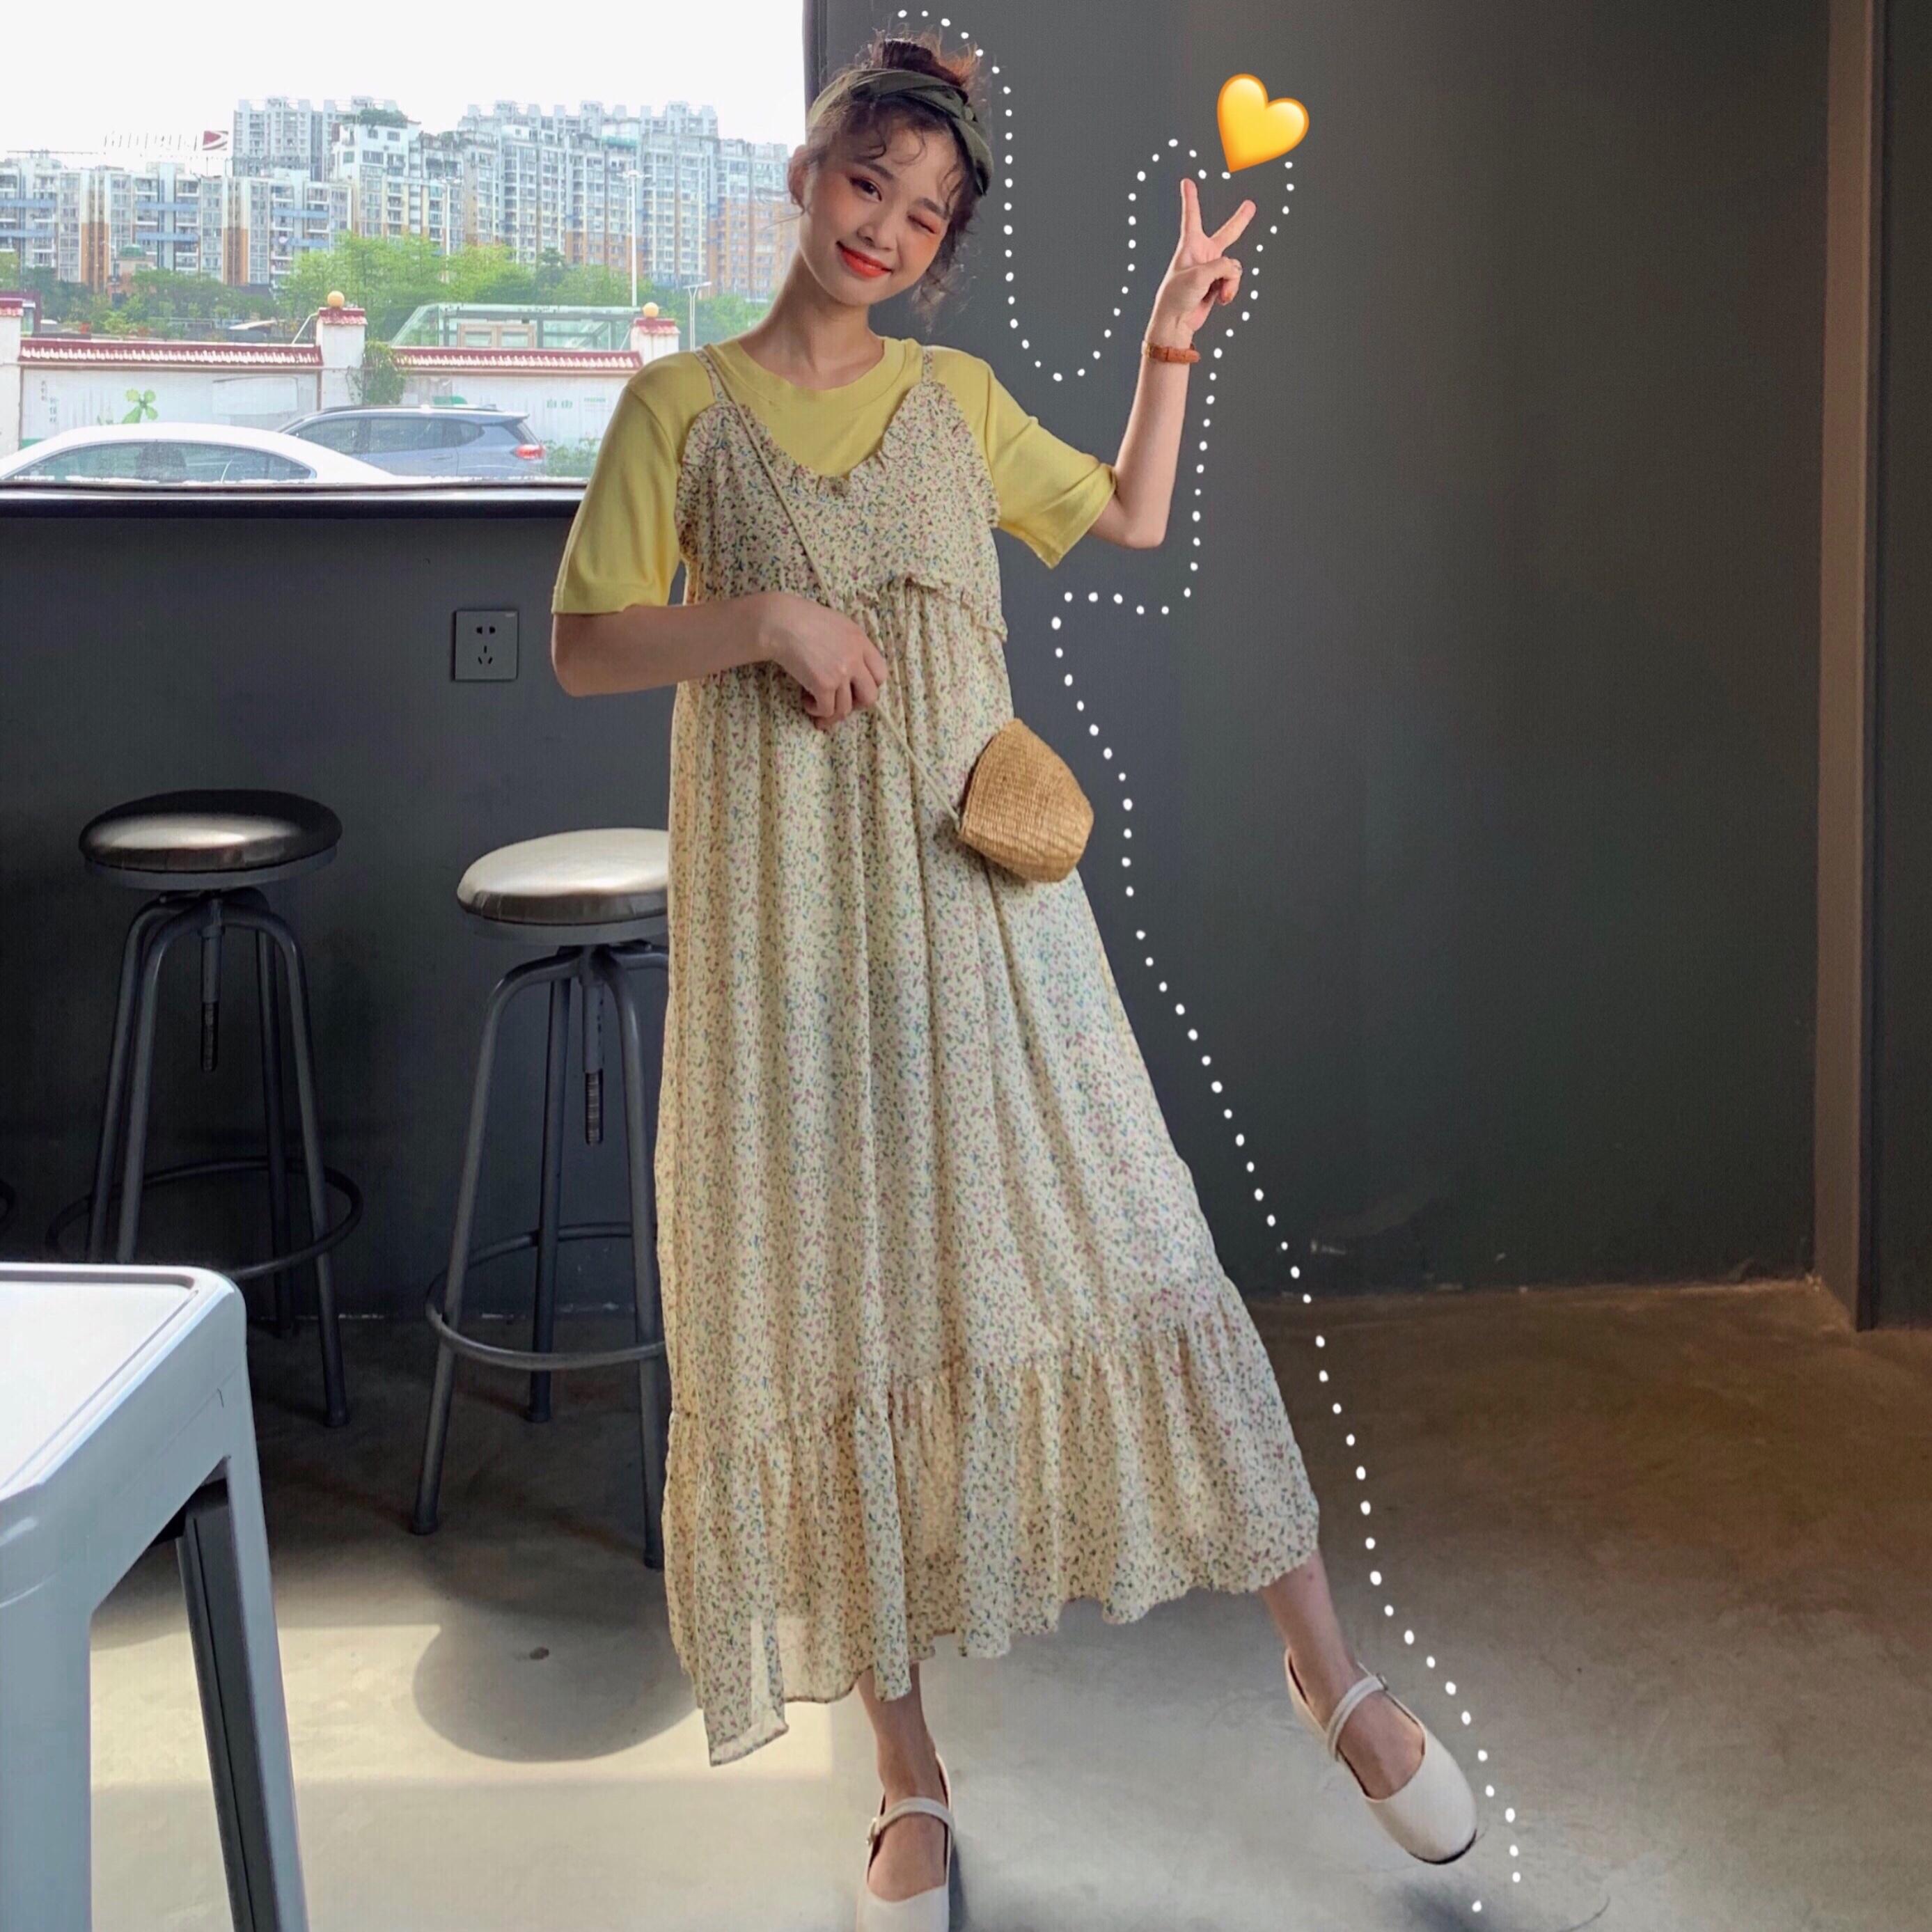 控價5實拍實價韓國夏季氣質碎花吊帶連衣裙+純色短袖兩件套裝女